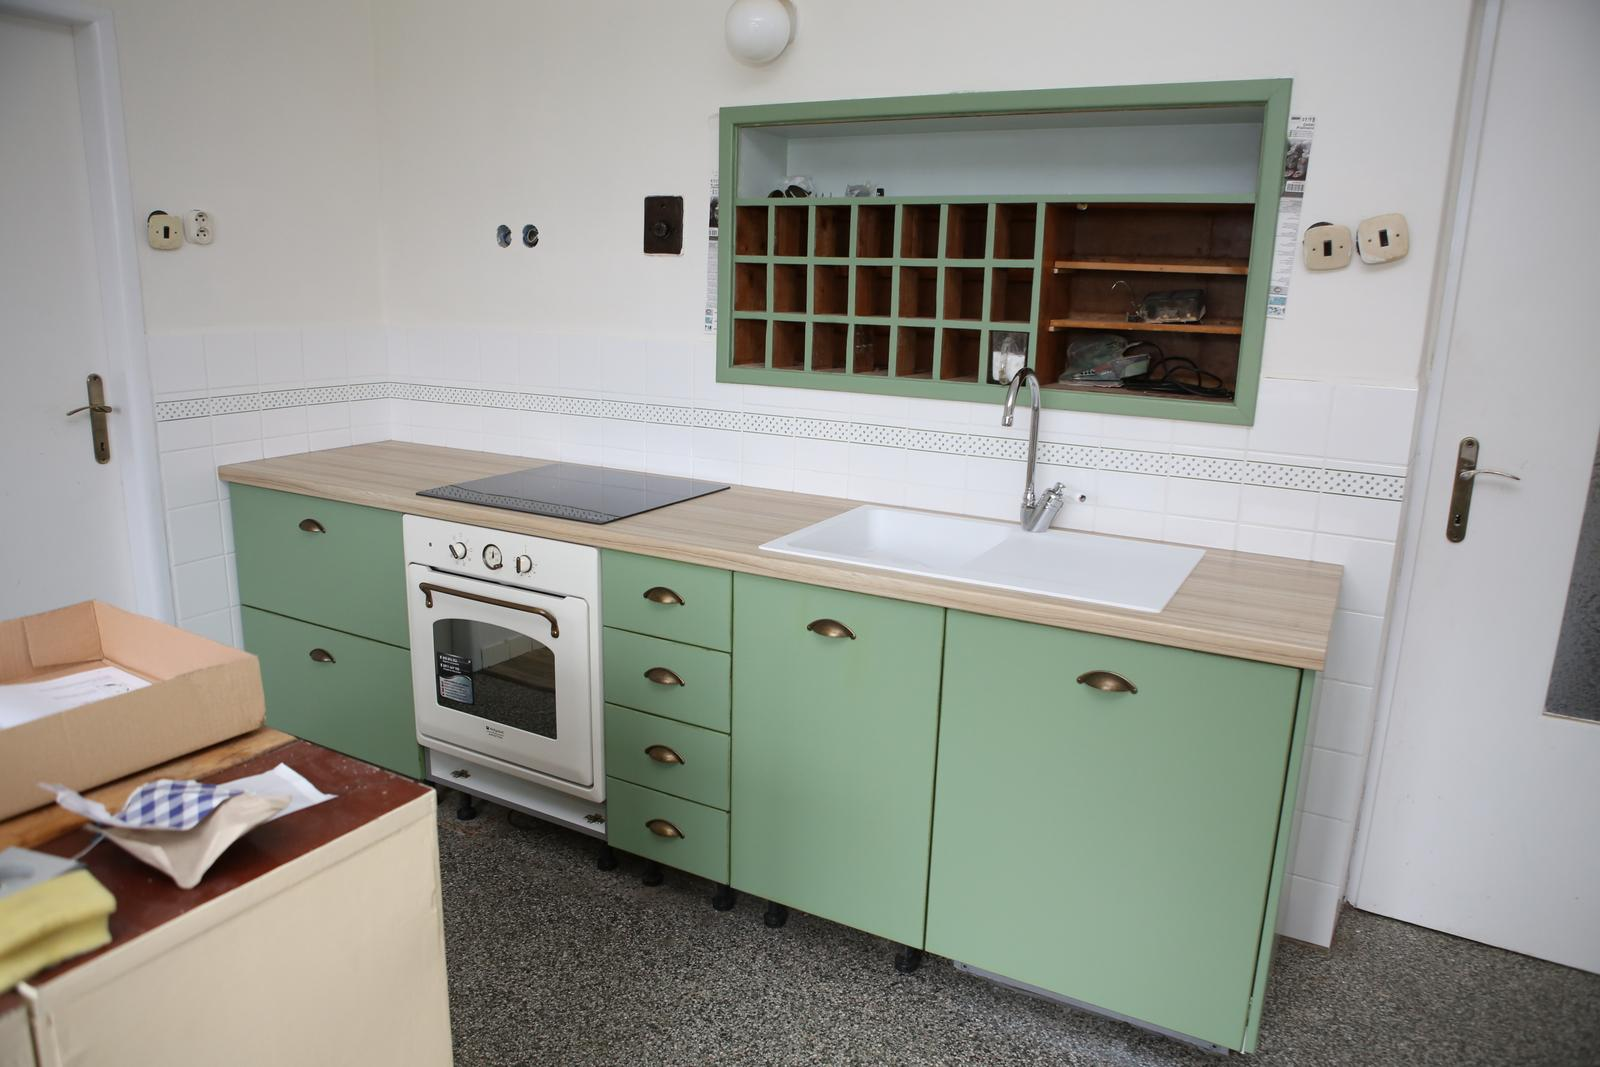 Modernizujeme kuchyňku - Musela jsem cvaknout hned po odchodu truhlářů, chybí sokl, zelený věšák na utěrky nalevo od sporáku, na levé stěně zásobní trojpolička na čaje a hlavě šuplíčky a šuplíčky a šuplíčky!